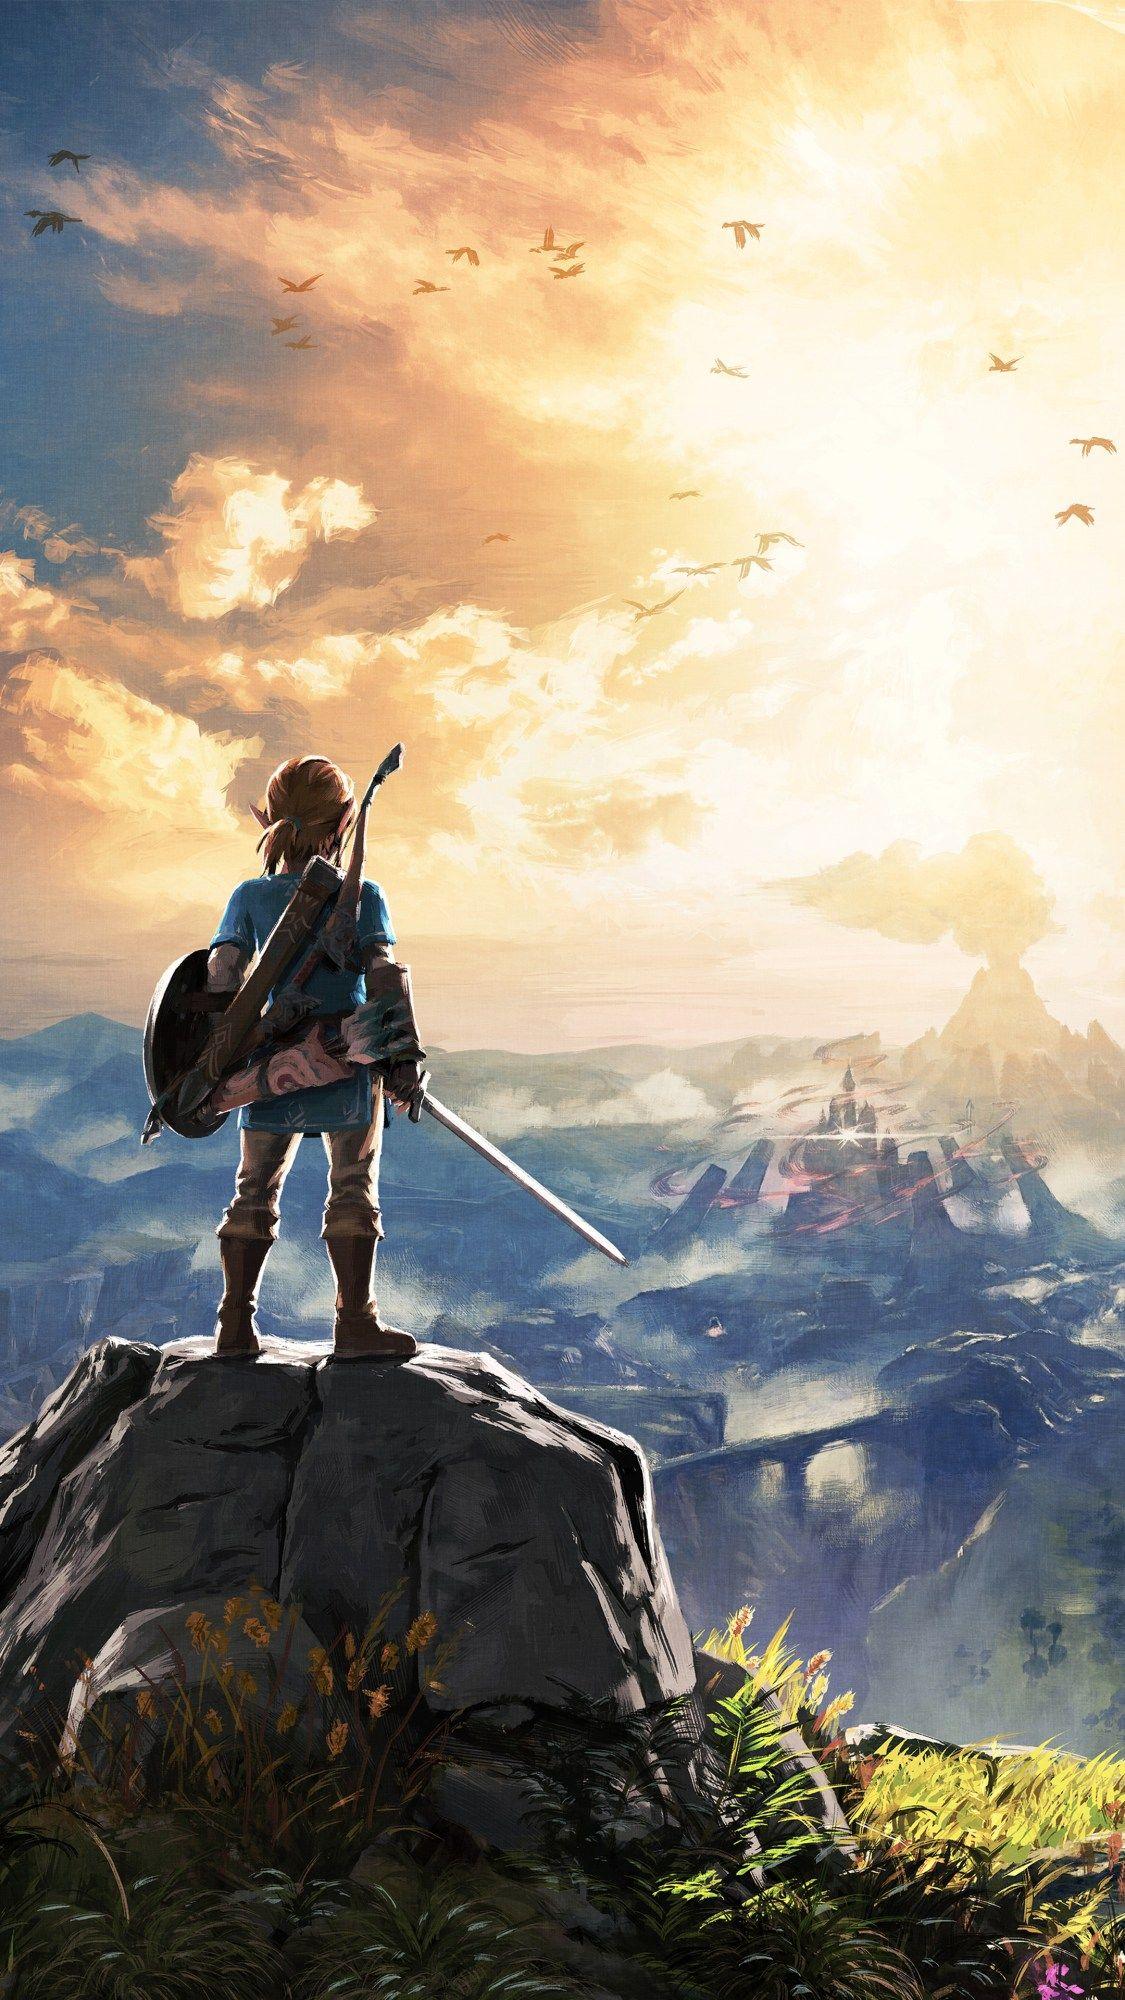 The Legend of Zelda: Breath of the Wild Wallpapers